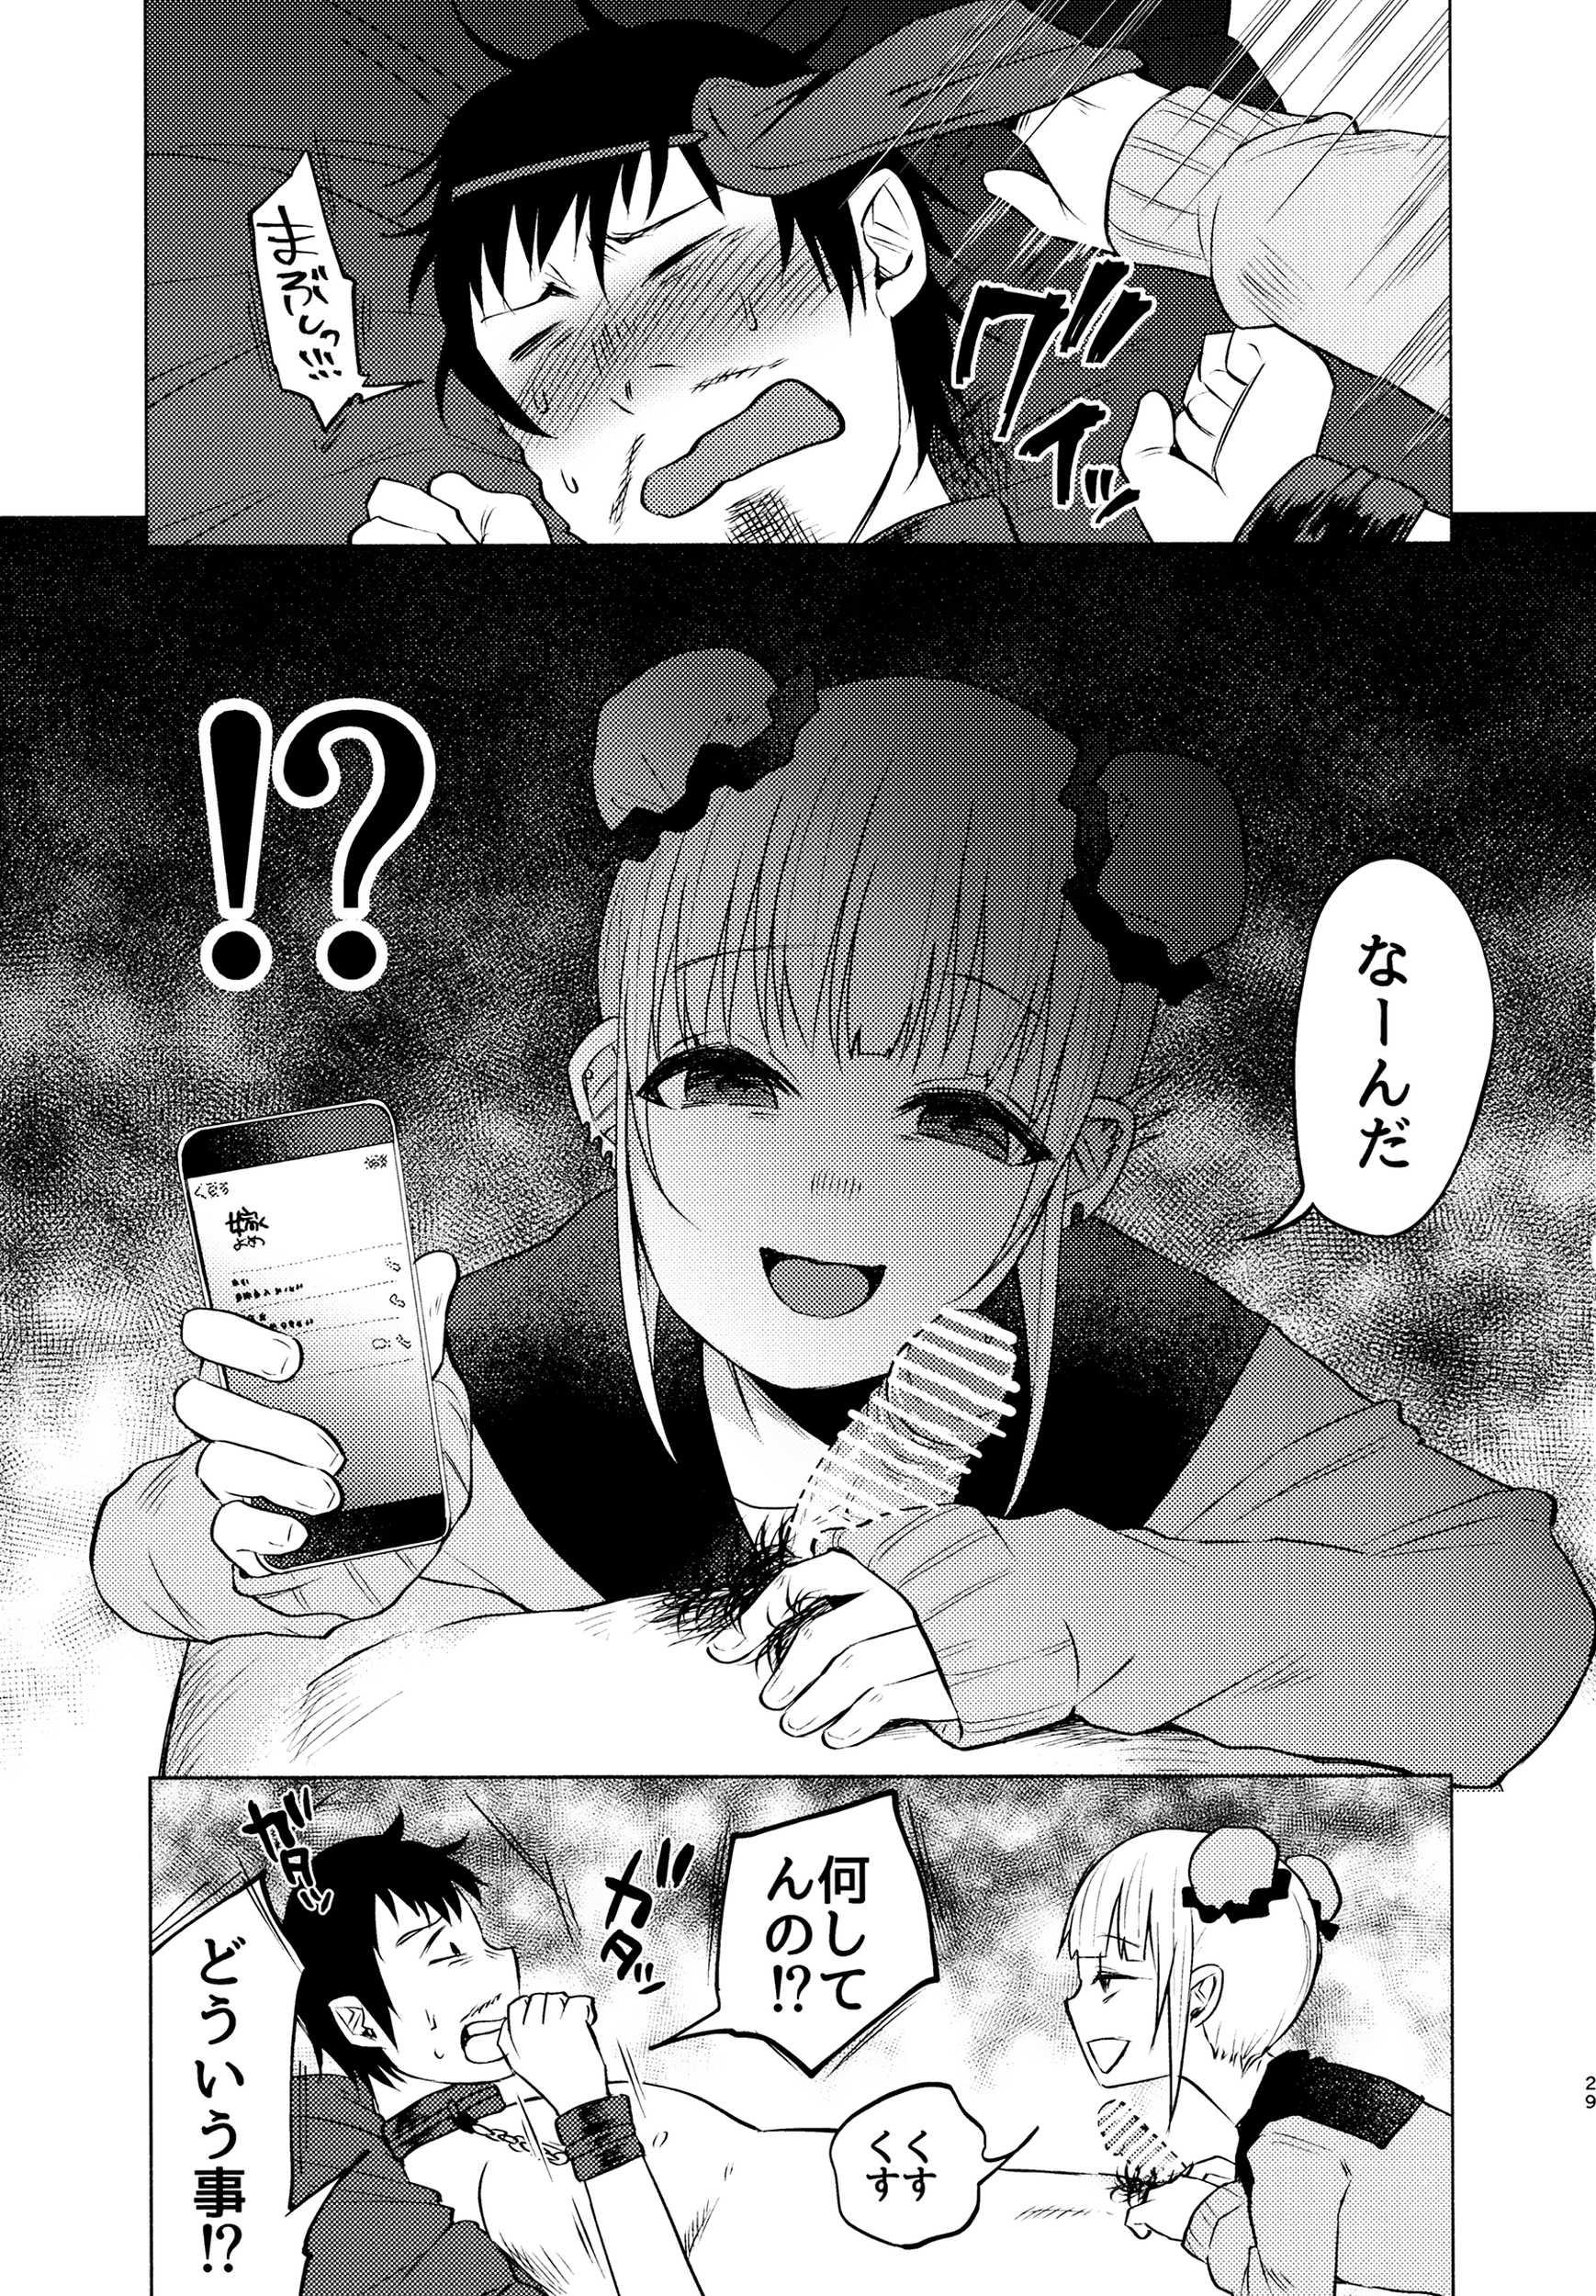 【エロ漫画】ウブな田舎娘に手を出したらヤンデレ化して逆レイプされるww【無料 エロ同人誌】 (28)